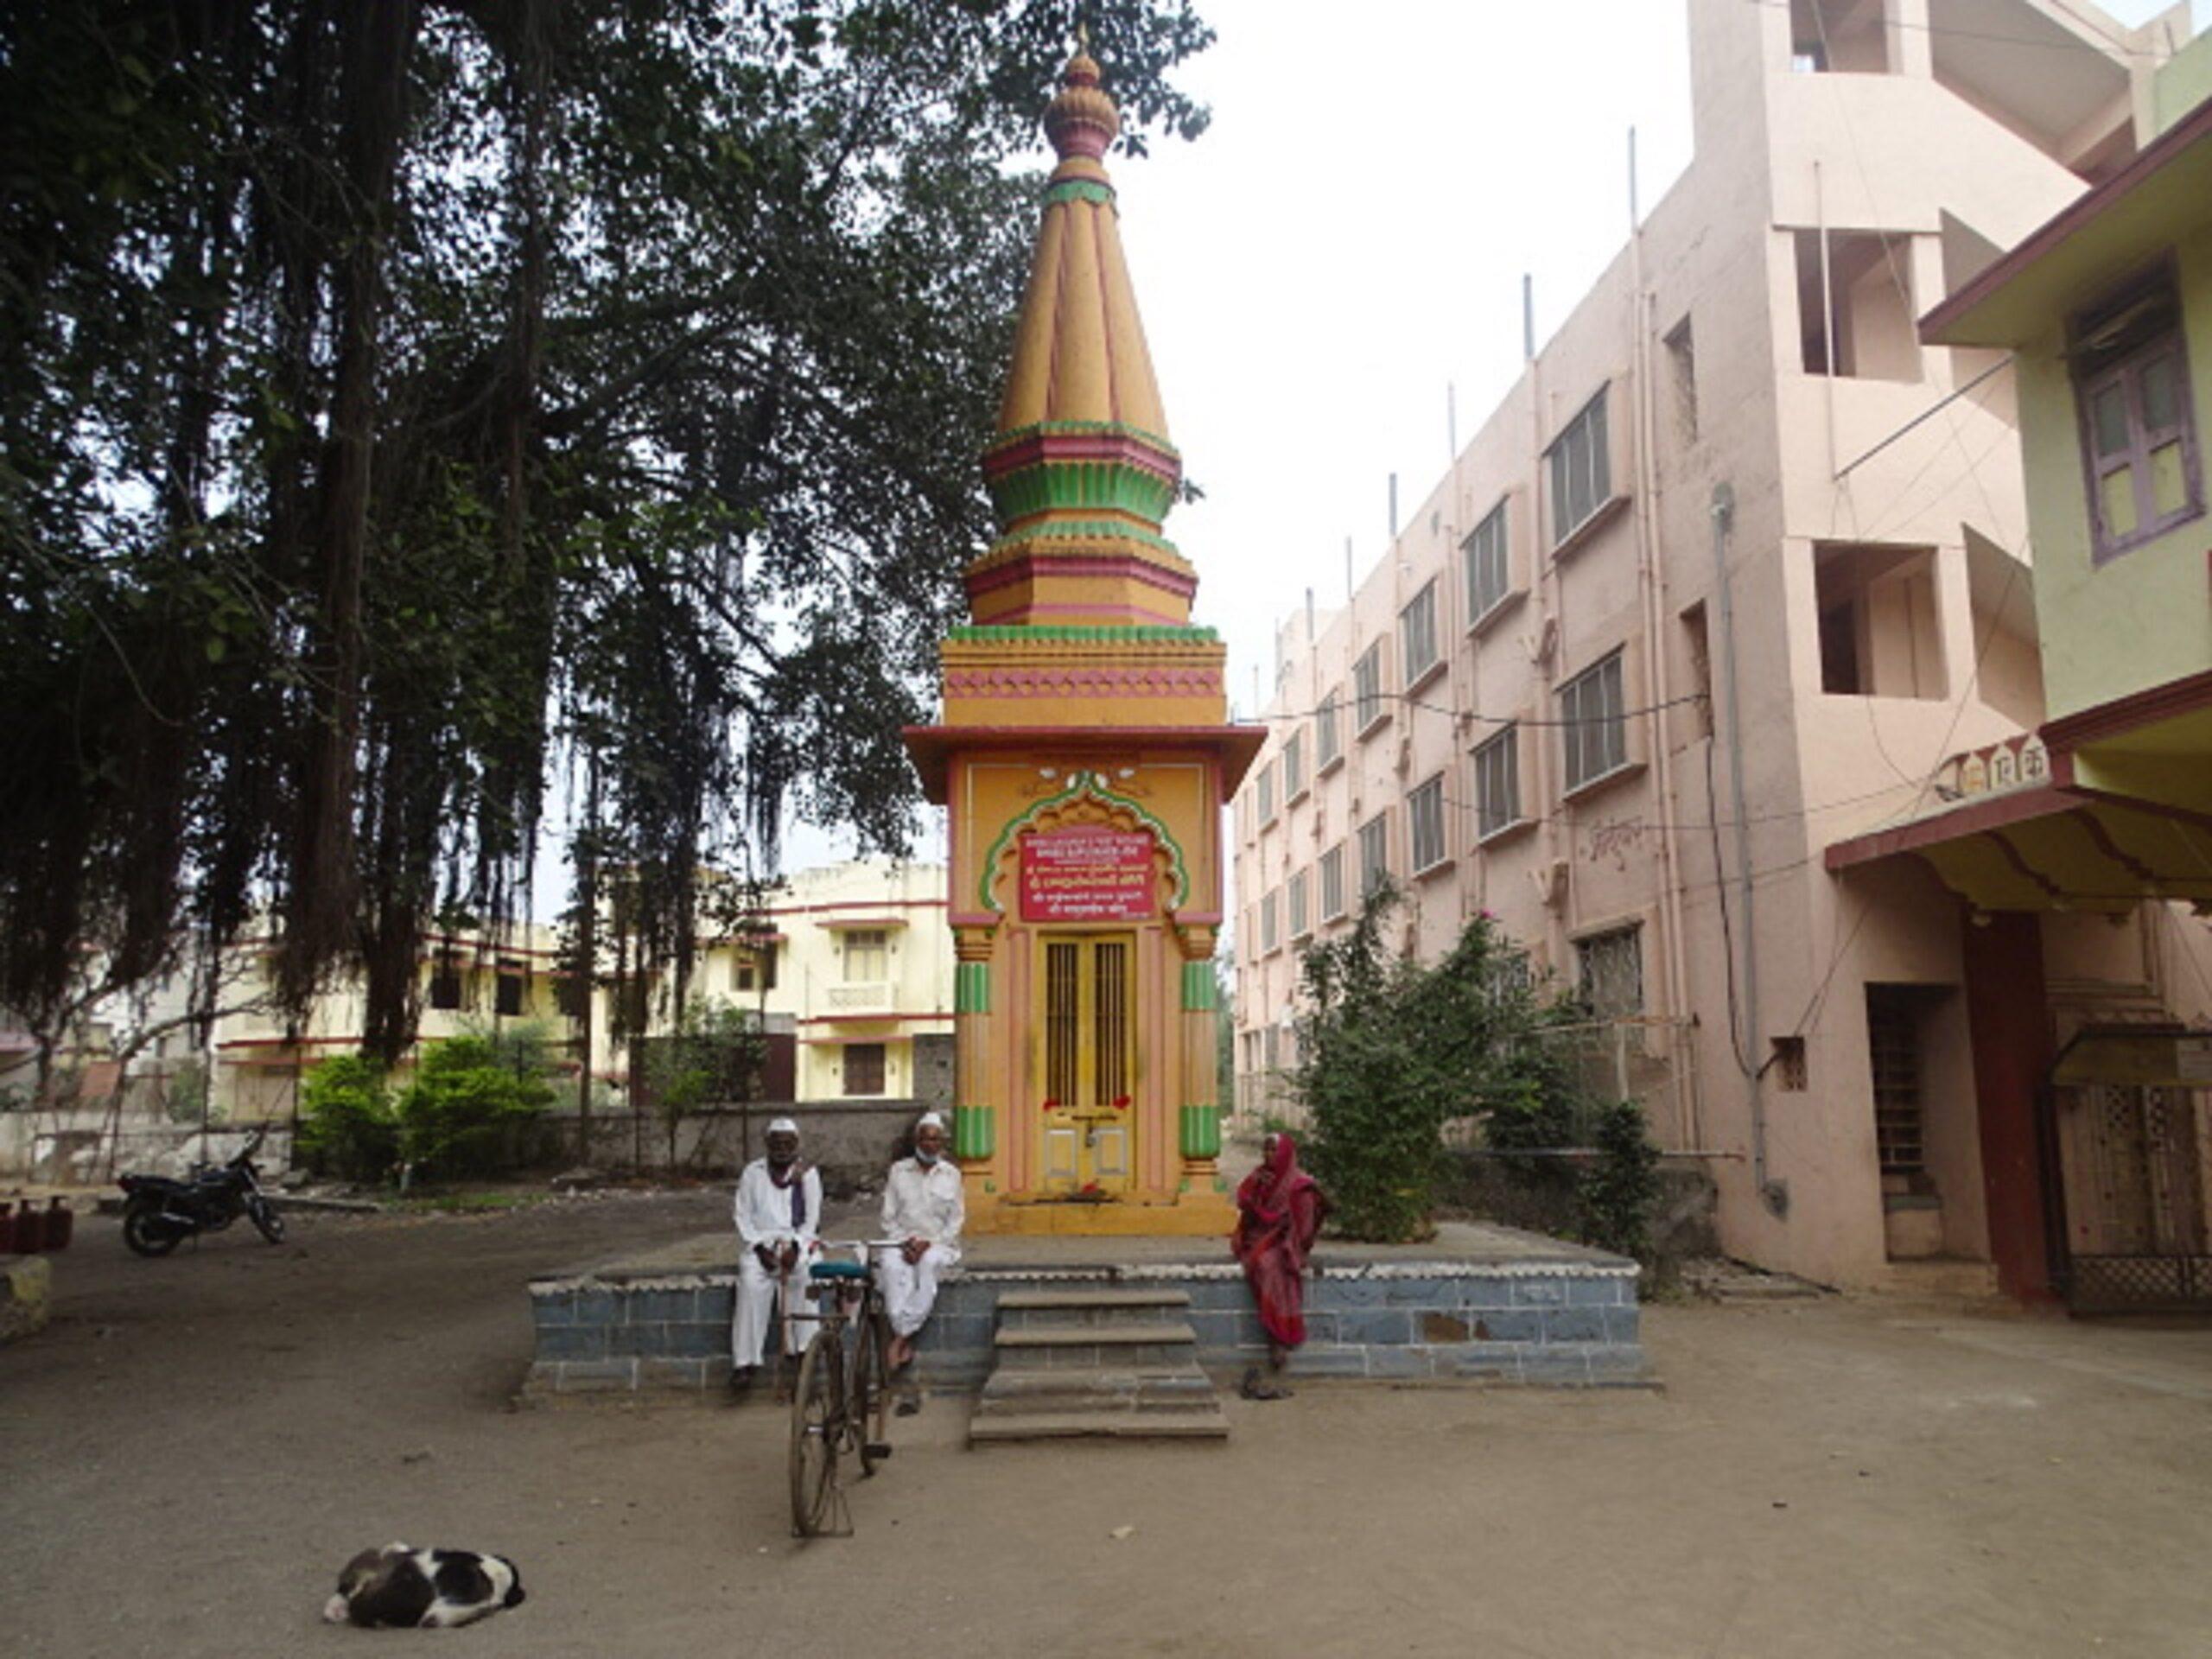 Shree Bapusaheb Jog (Shree Sai Baba's First Poojari) Samadhi Mandir, Sakori, Shirdi, Maharashtra, India